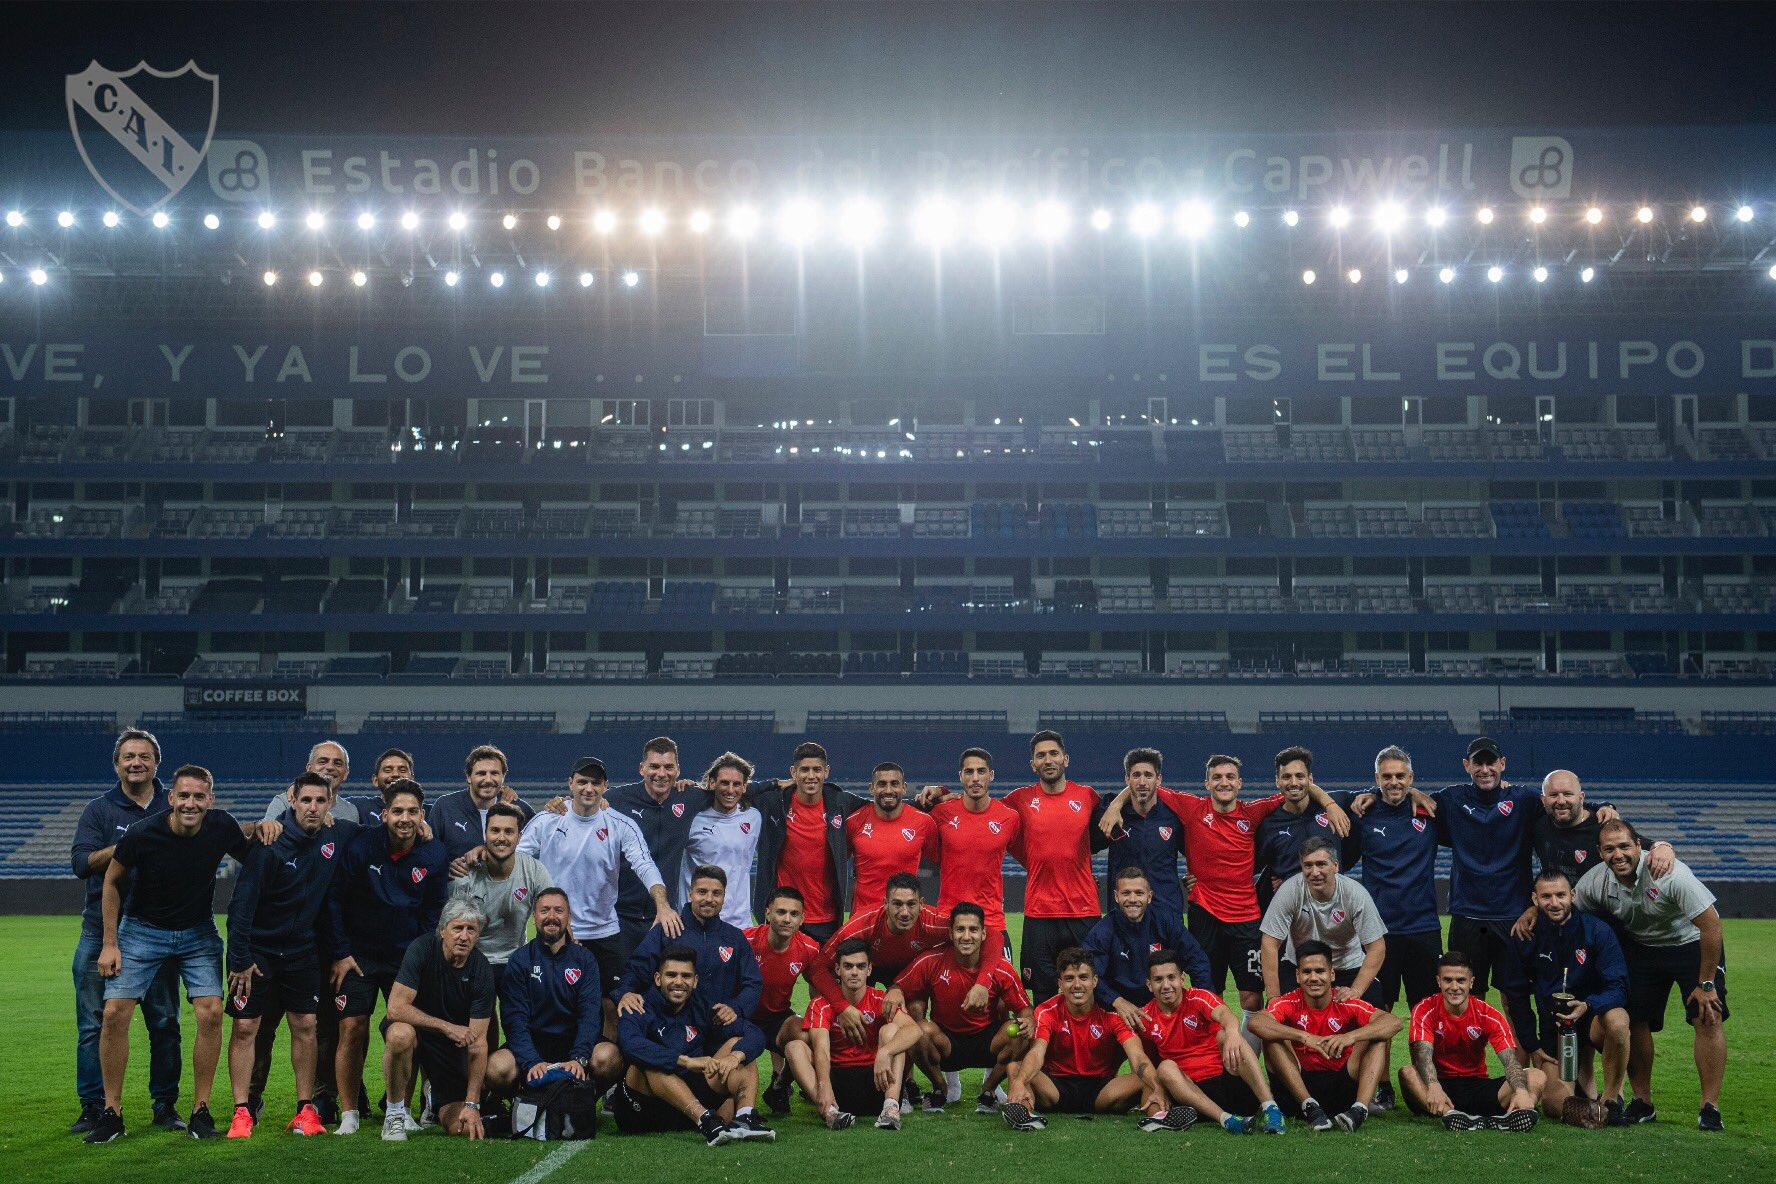 El Club Atlético Independiente llegó hace poco a Quito para la vuelta con IDV por los cuartos de final de Copa Sudamericana